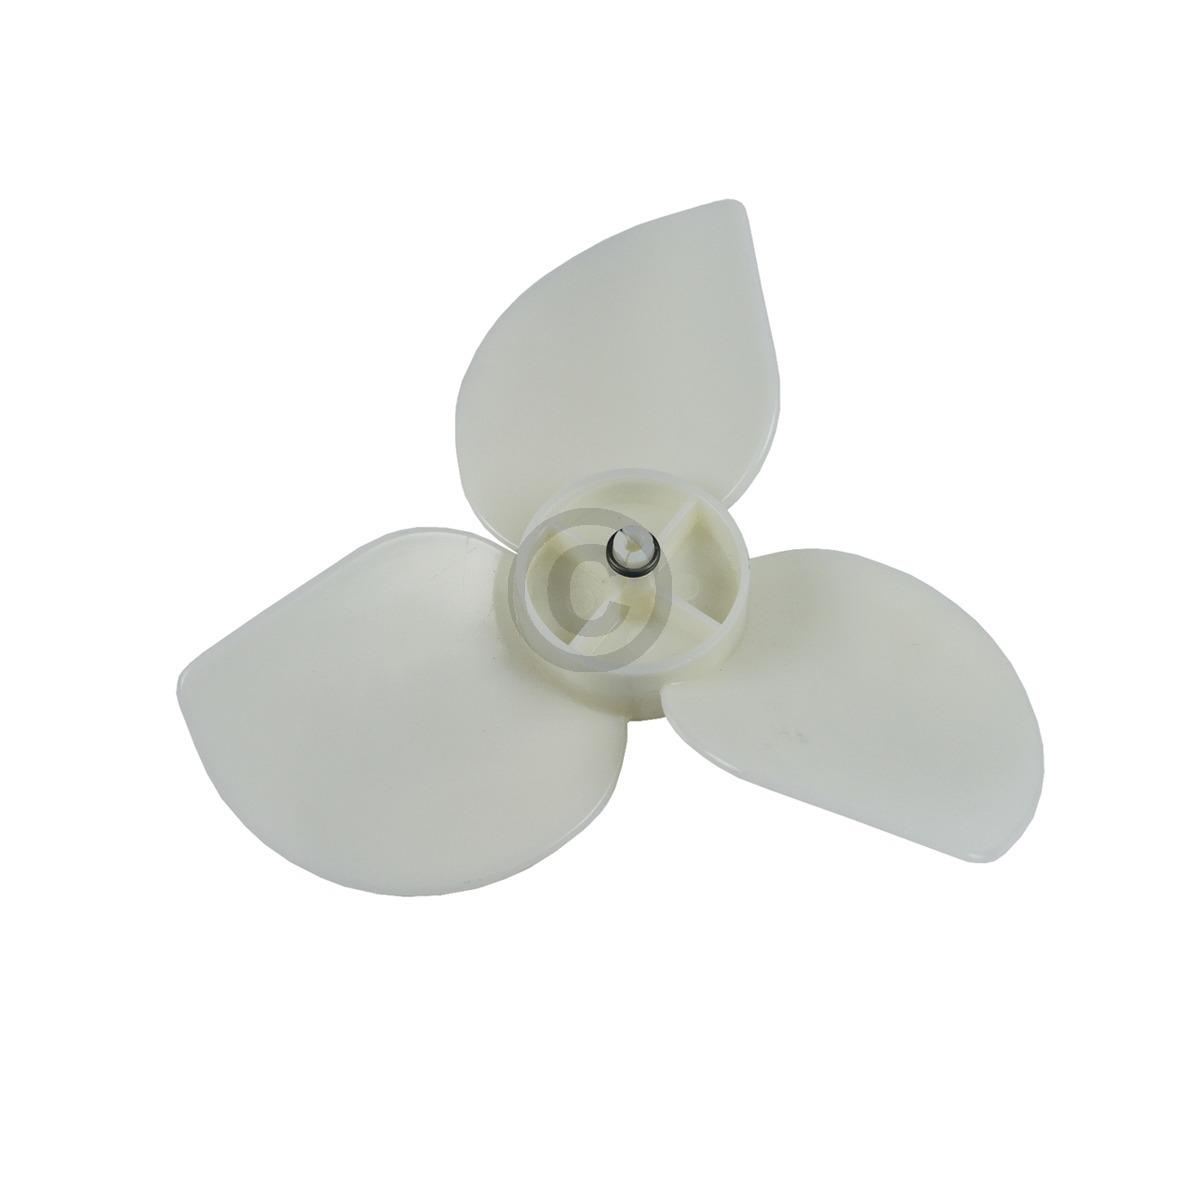 Ventilatorenflügel 6299905 Liebherr